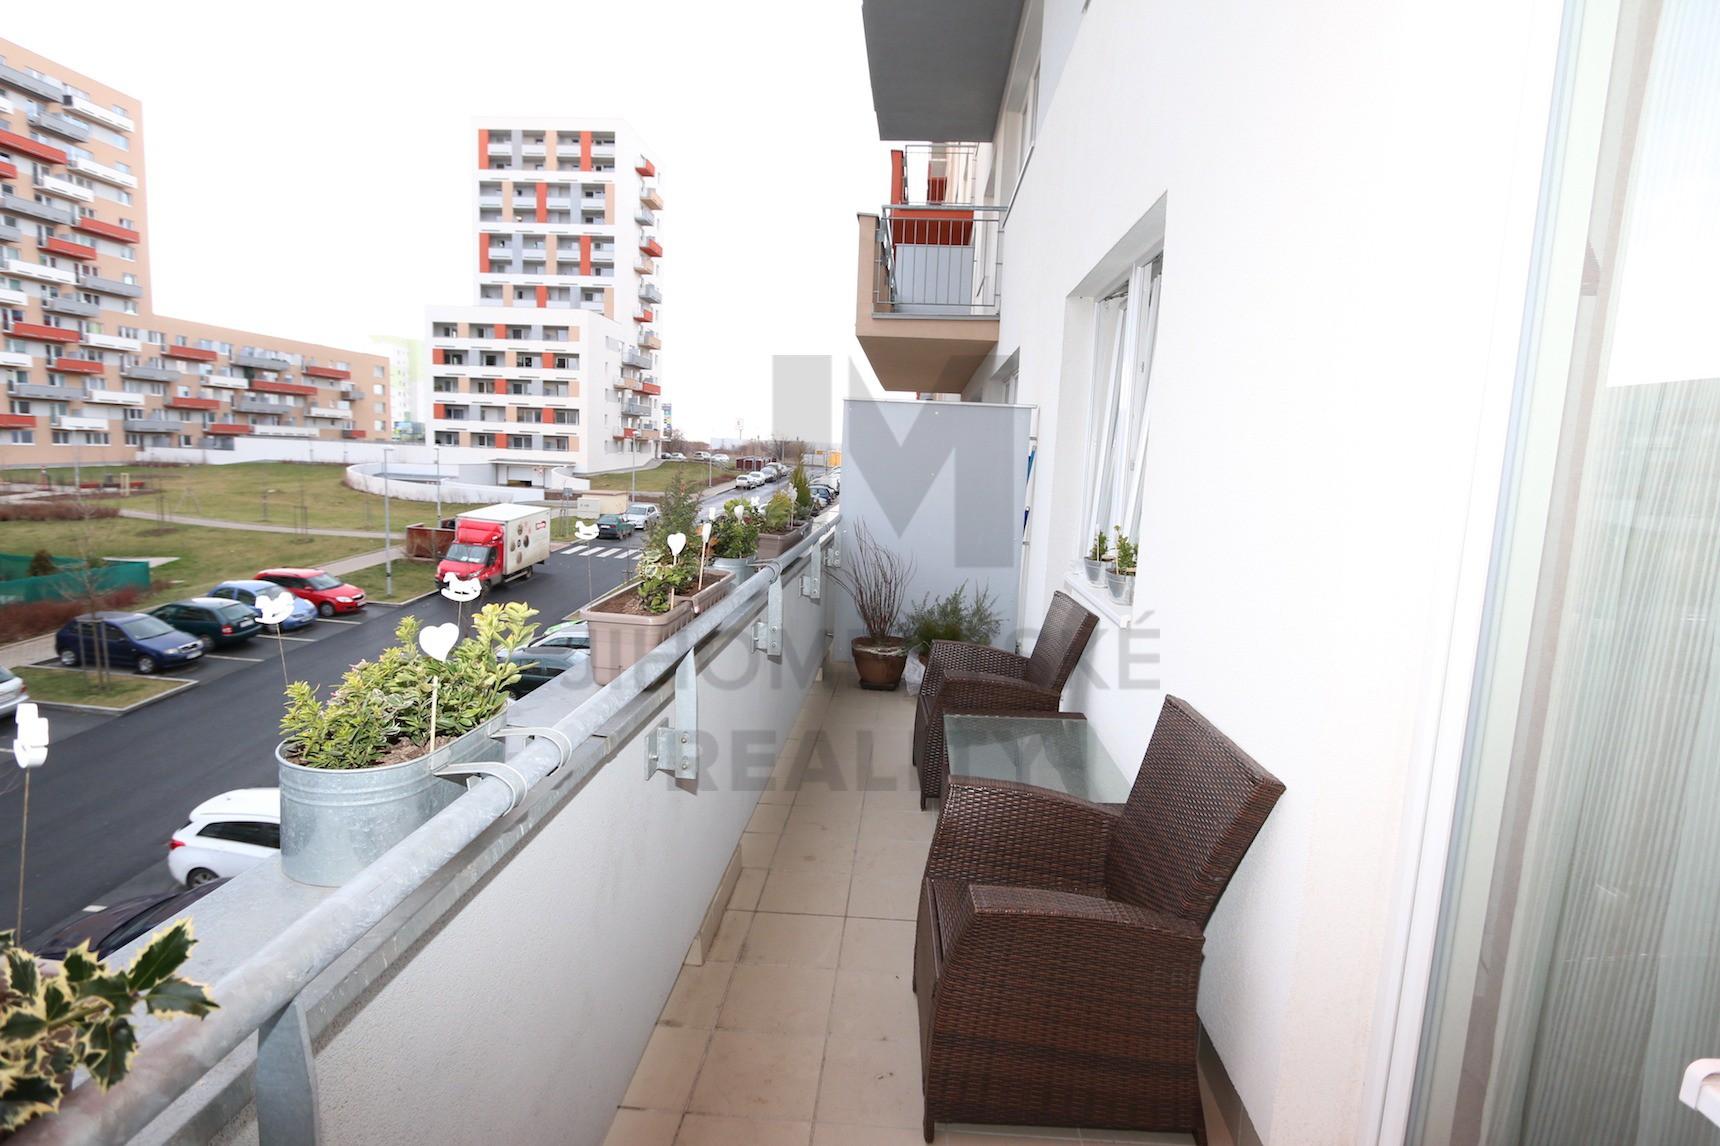 NÁJEM BYTU 2+kk s balkonem, Modenská, Praha 10 - Horní Měcholupy